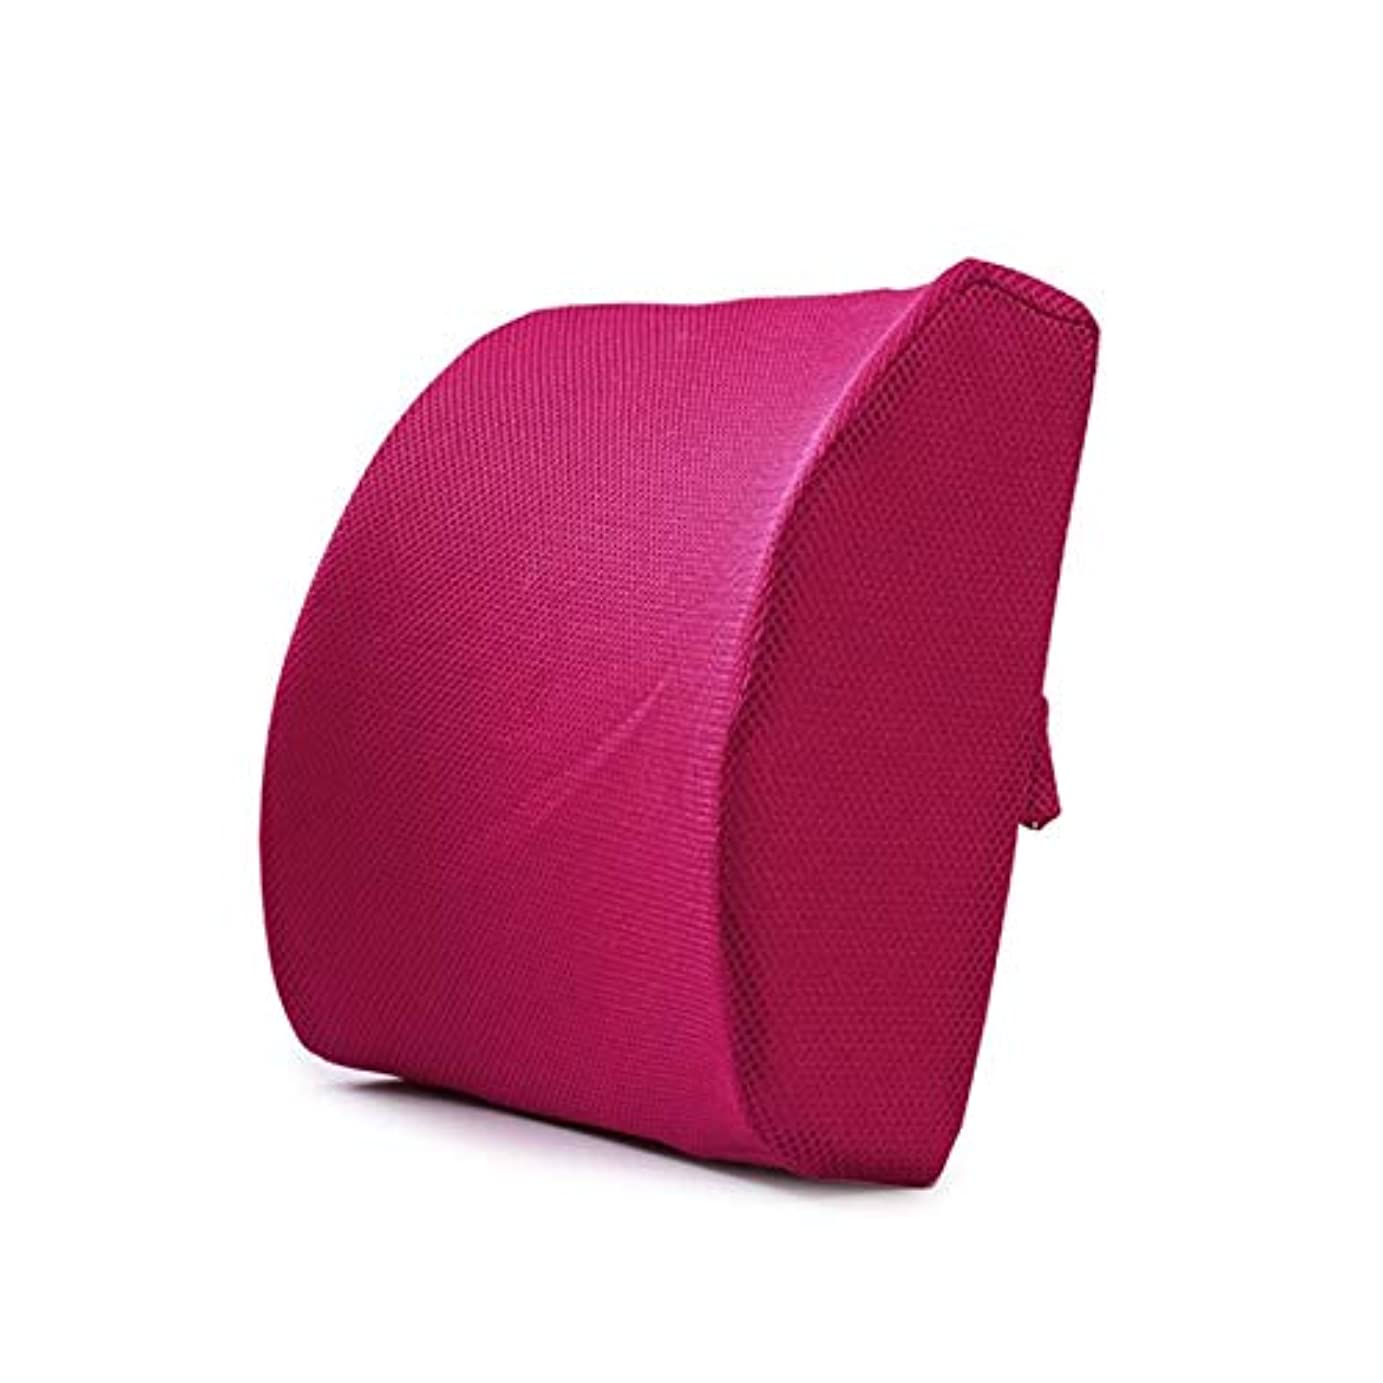 聞きます天のアドバンテージLIFE ホームオフィス背もたれ椅子腰椎クッションカーシートネック枕 3D 低反発サポートバックマッサージウエストレスリビング枕 クッション 椅子